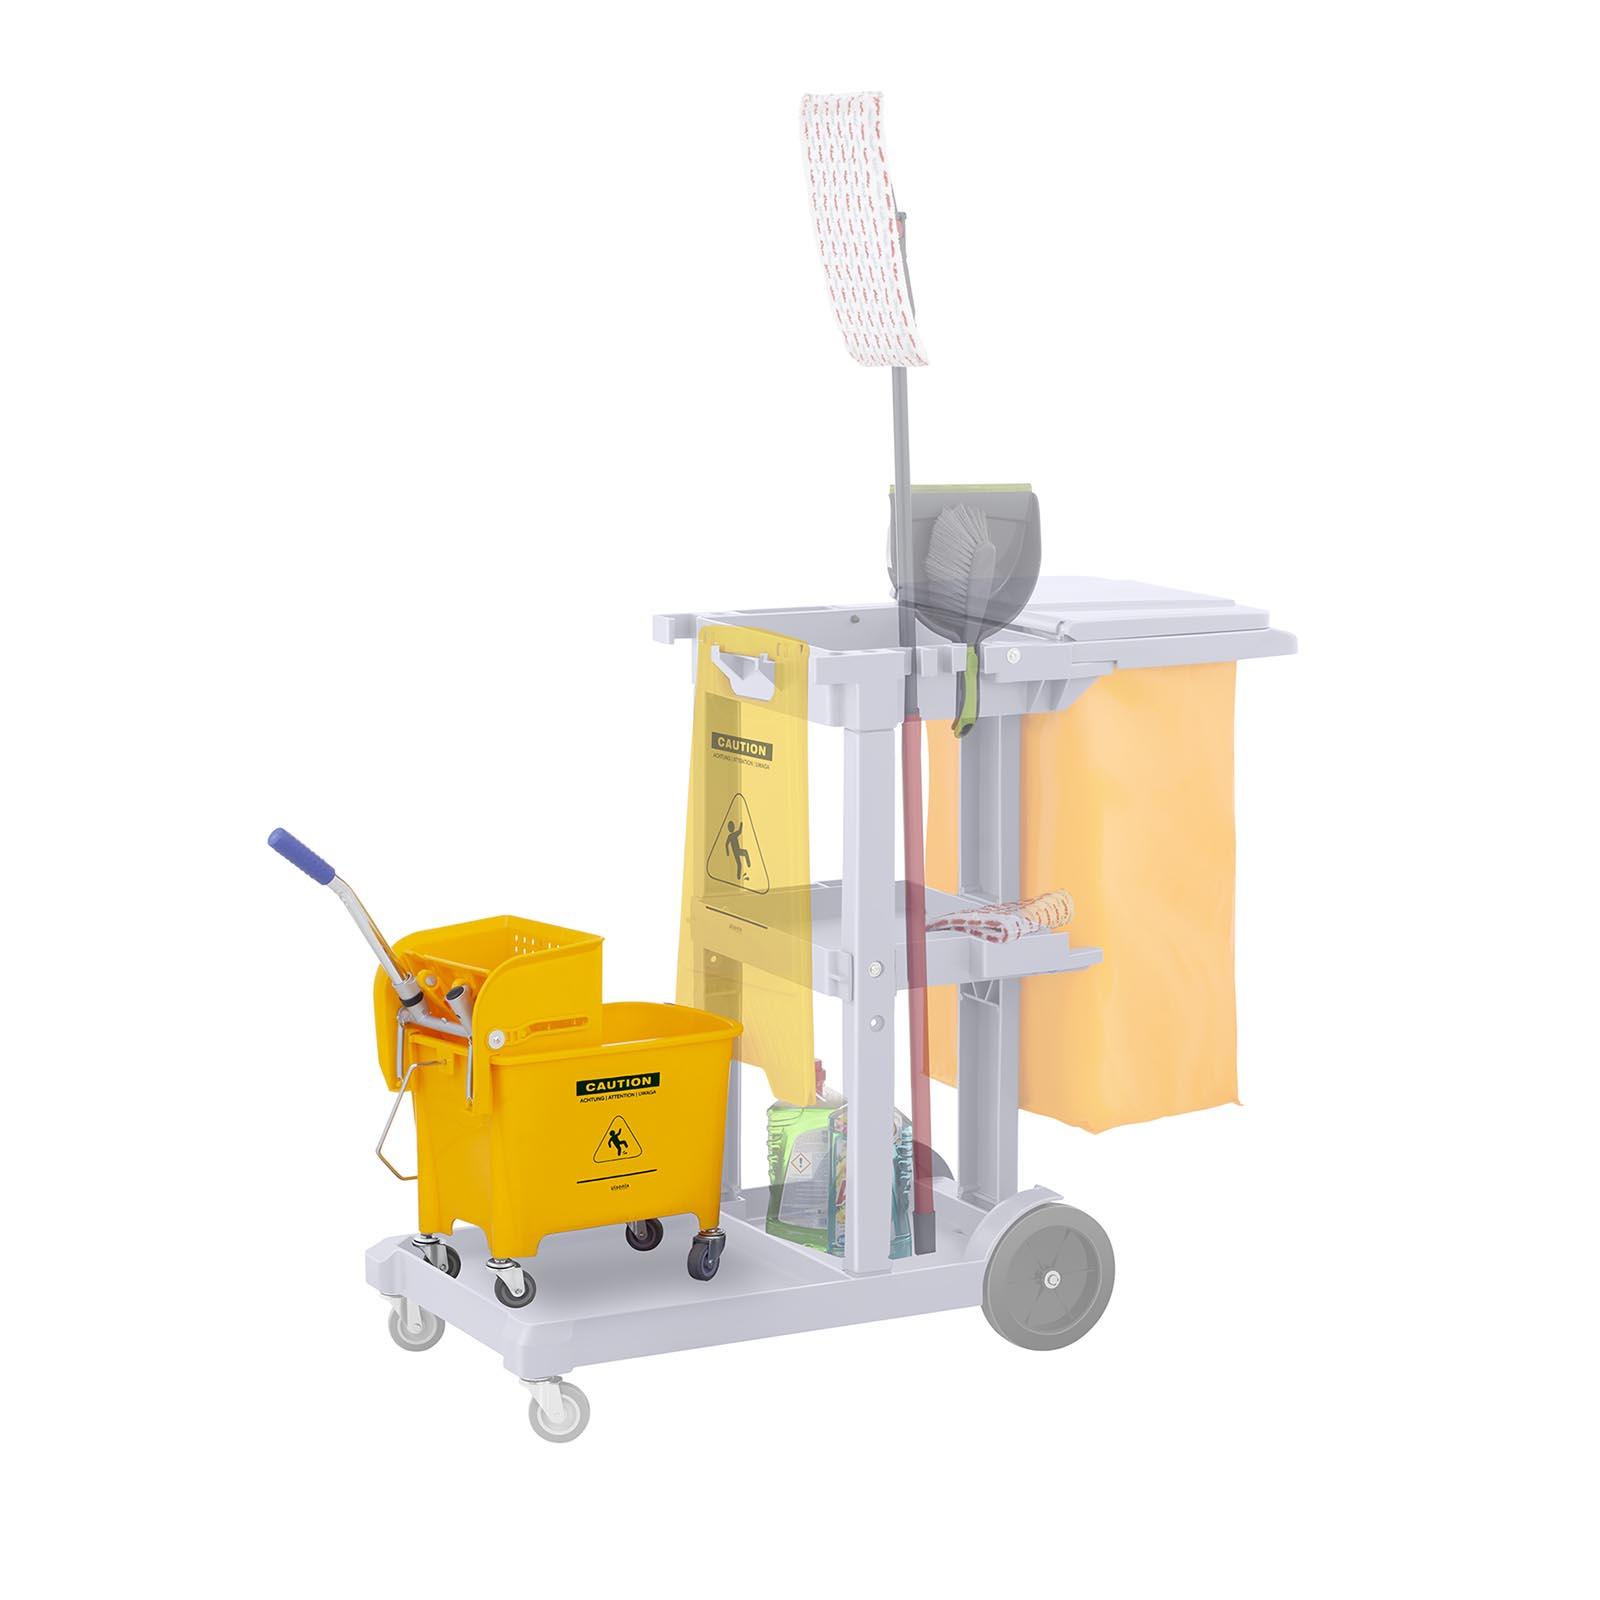 Secchio-Lavapavimenti-Con-Mocio-E-Strizzatore-Pulizia-Professionale-Cartello-20L miniatura 6